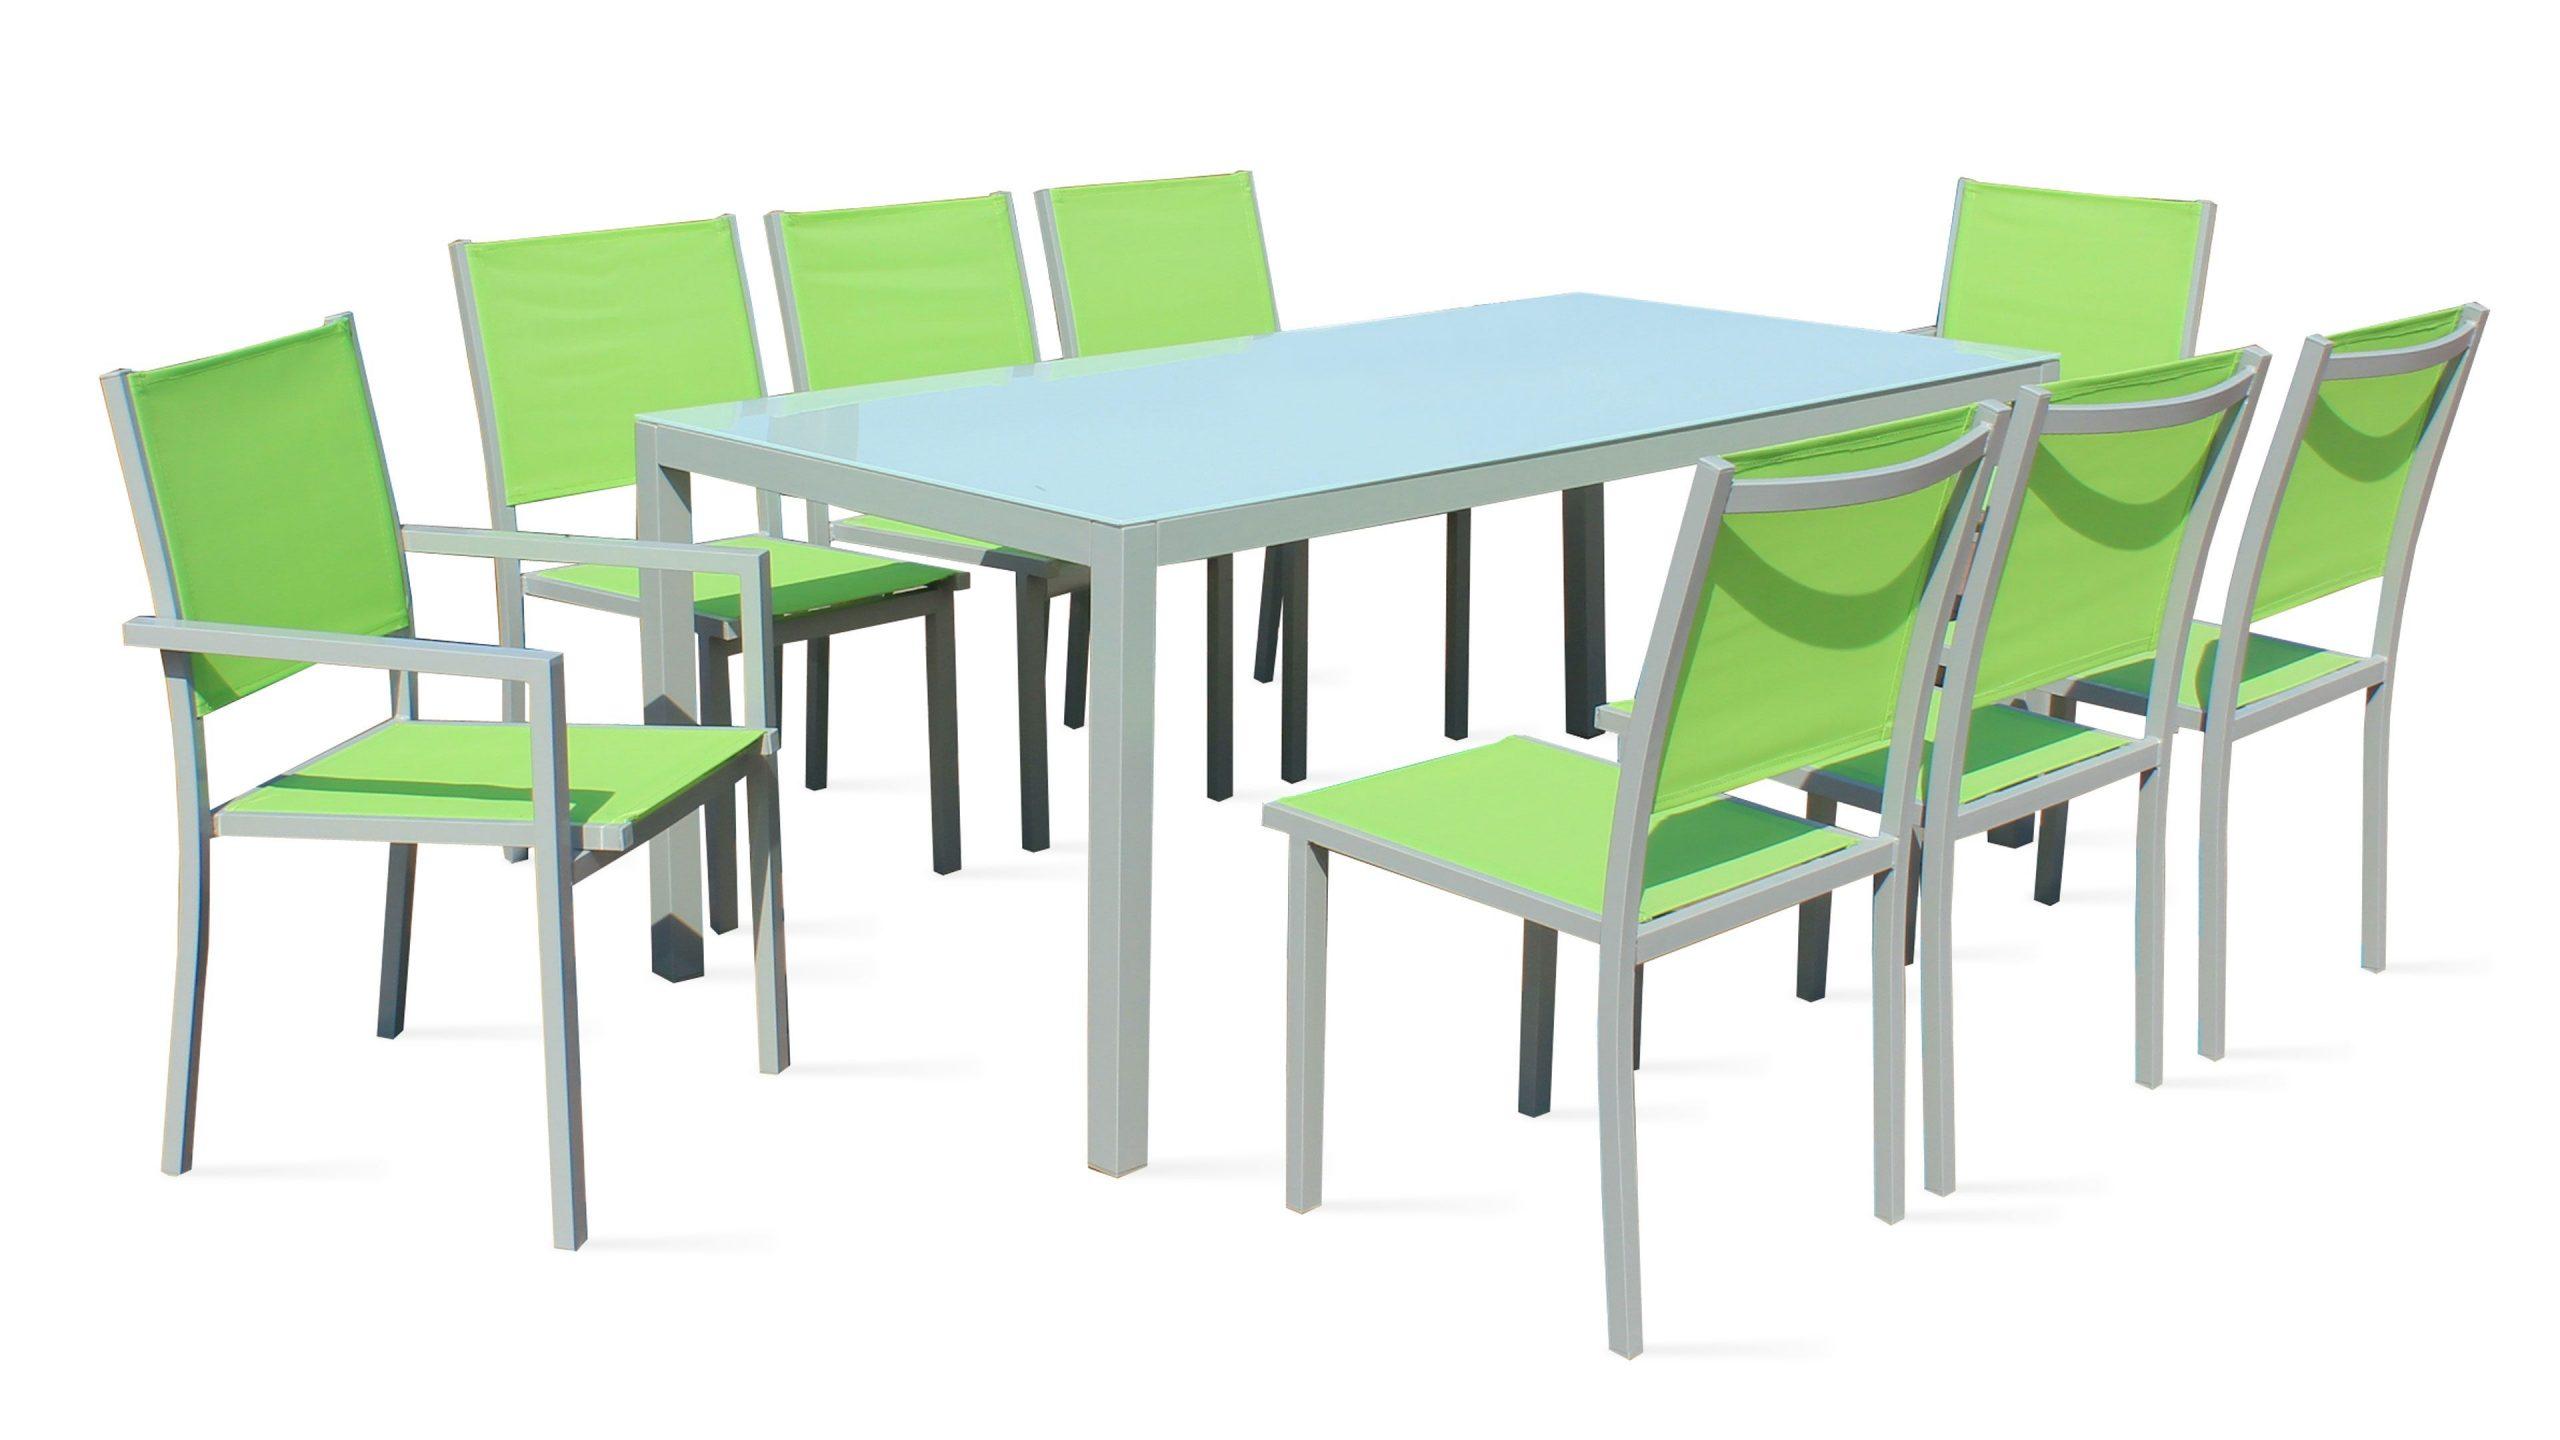 Salon De Jardin Aluminium Table De Jardin 8 Places concernant Table De Jardin Verte